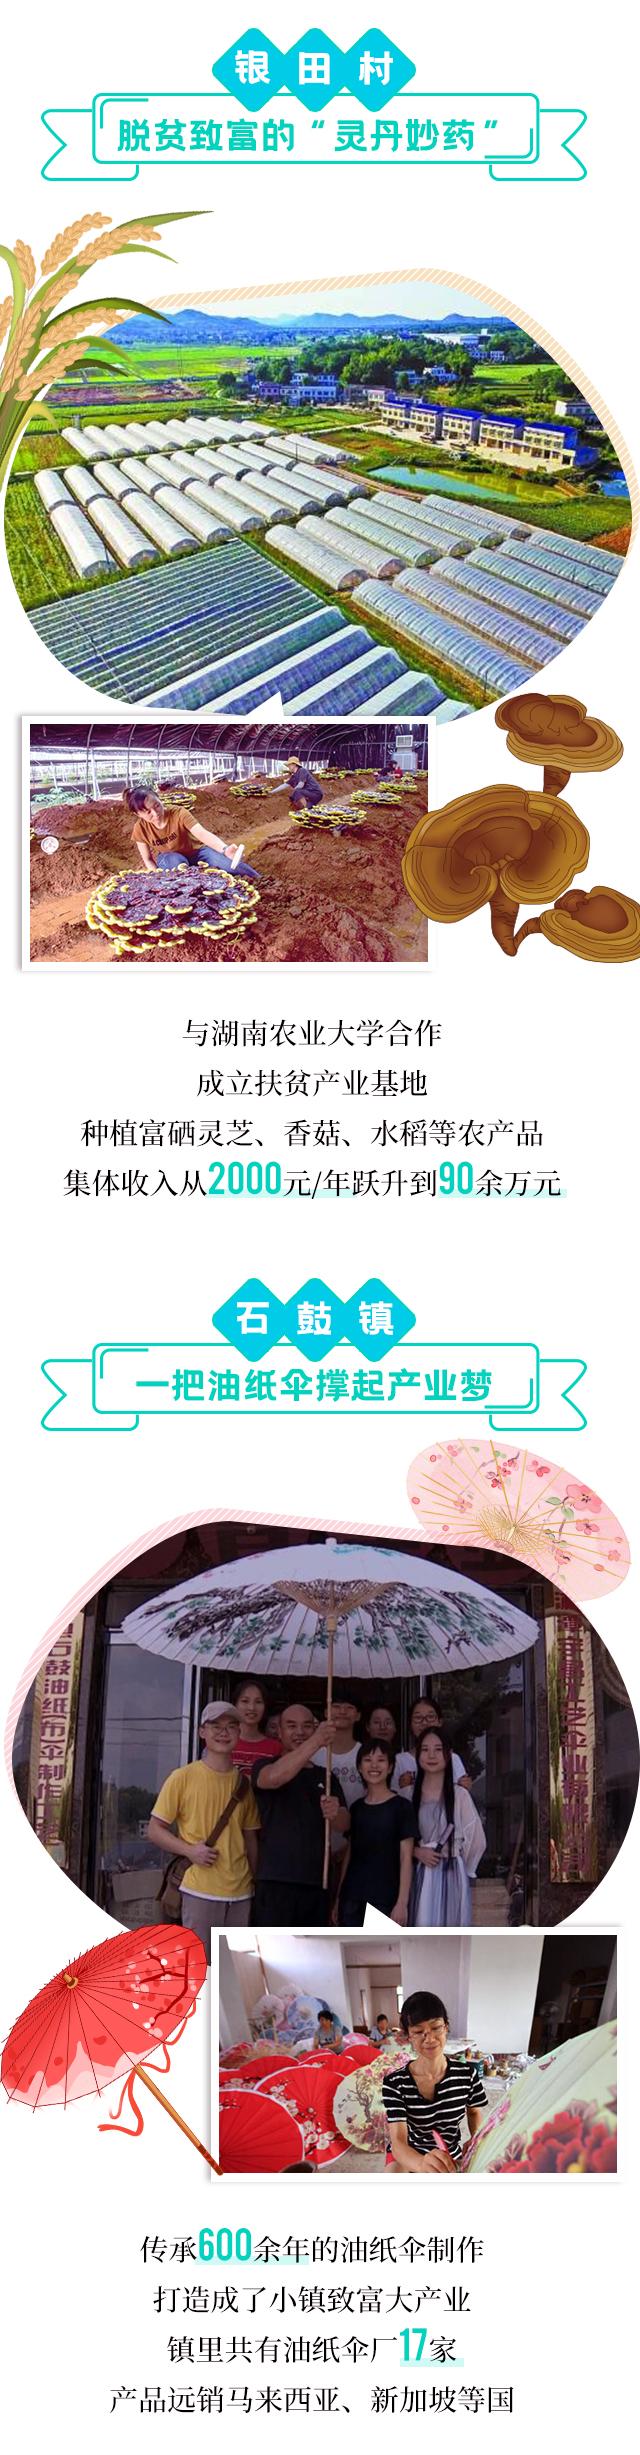 湘潭長圖第二部分_02.jpg